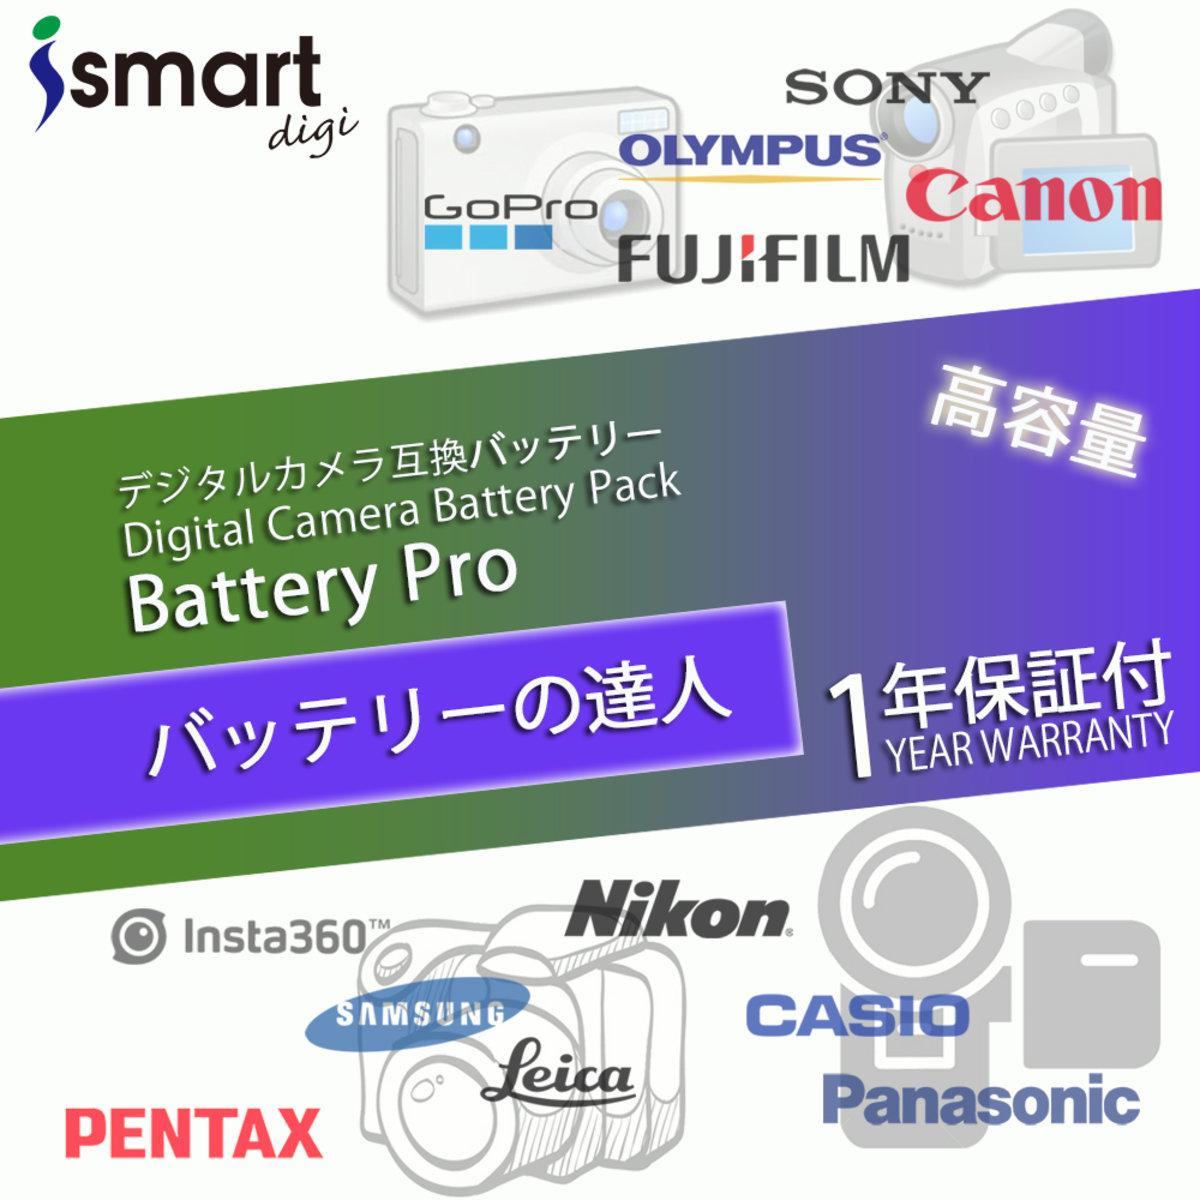 尼康數碼相機電池(適合:Coolpix S200; S500; Coolpix S510; S700)